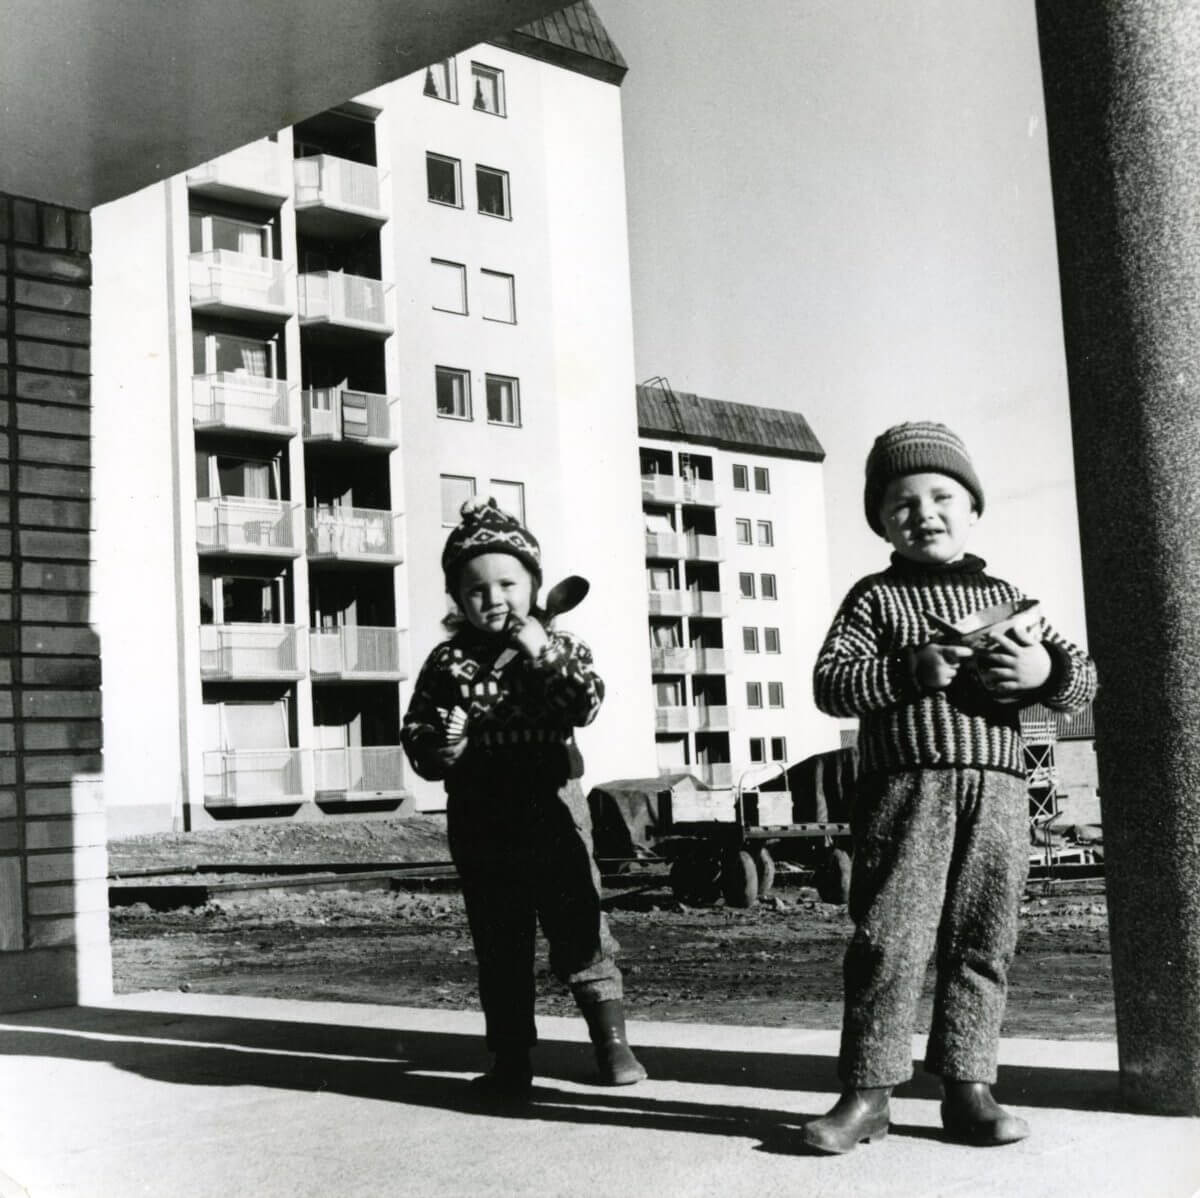 Två barn står framför några höghus.